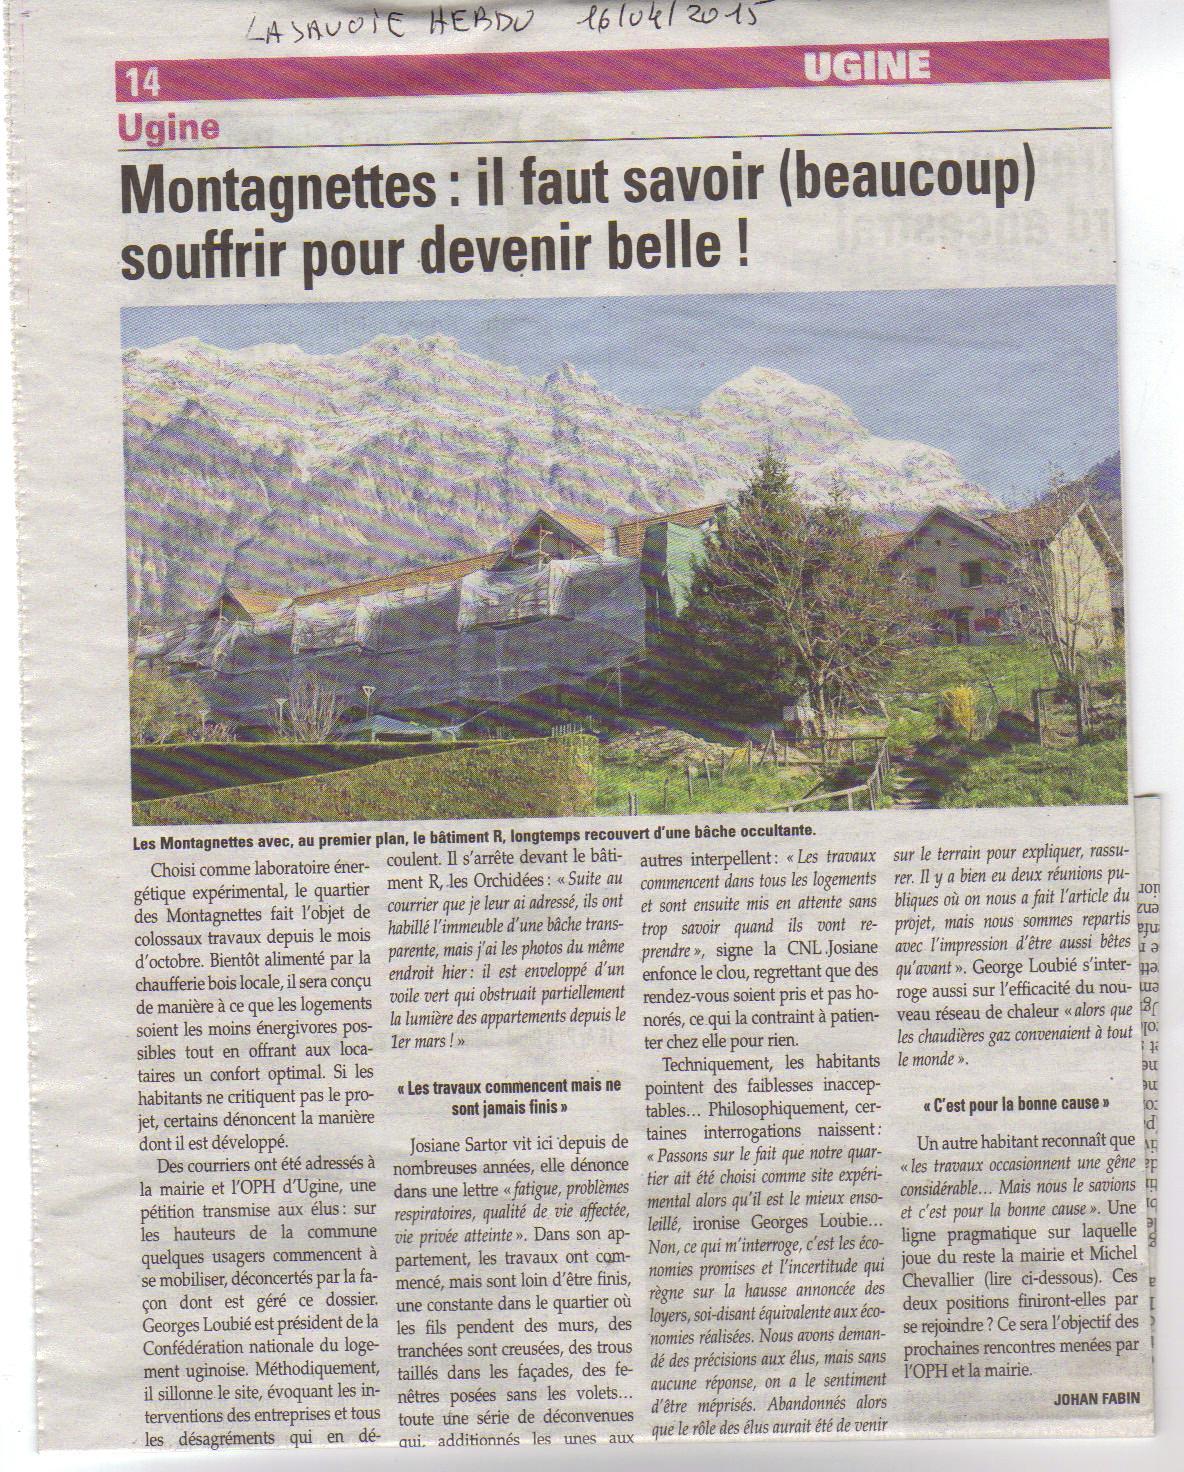 Journal la Savoie article sur la Montagnette du   16.04.15